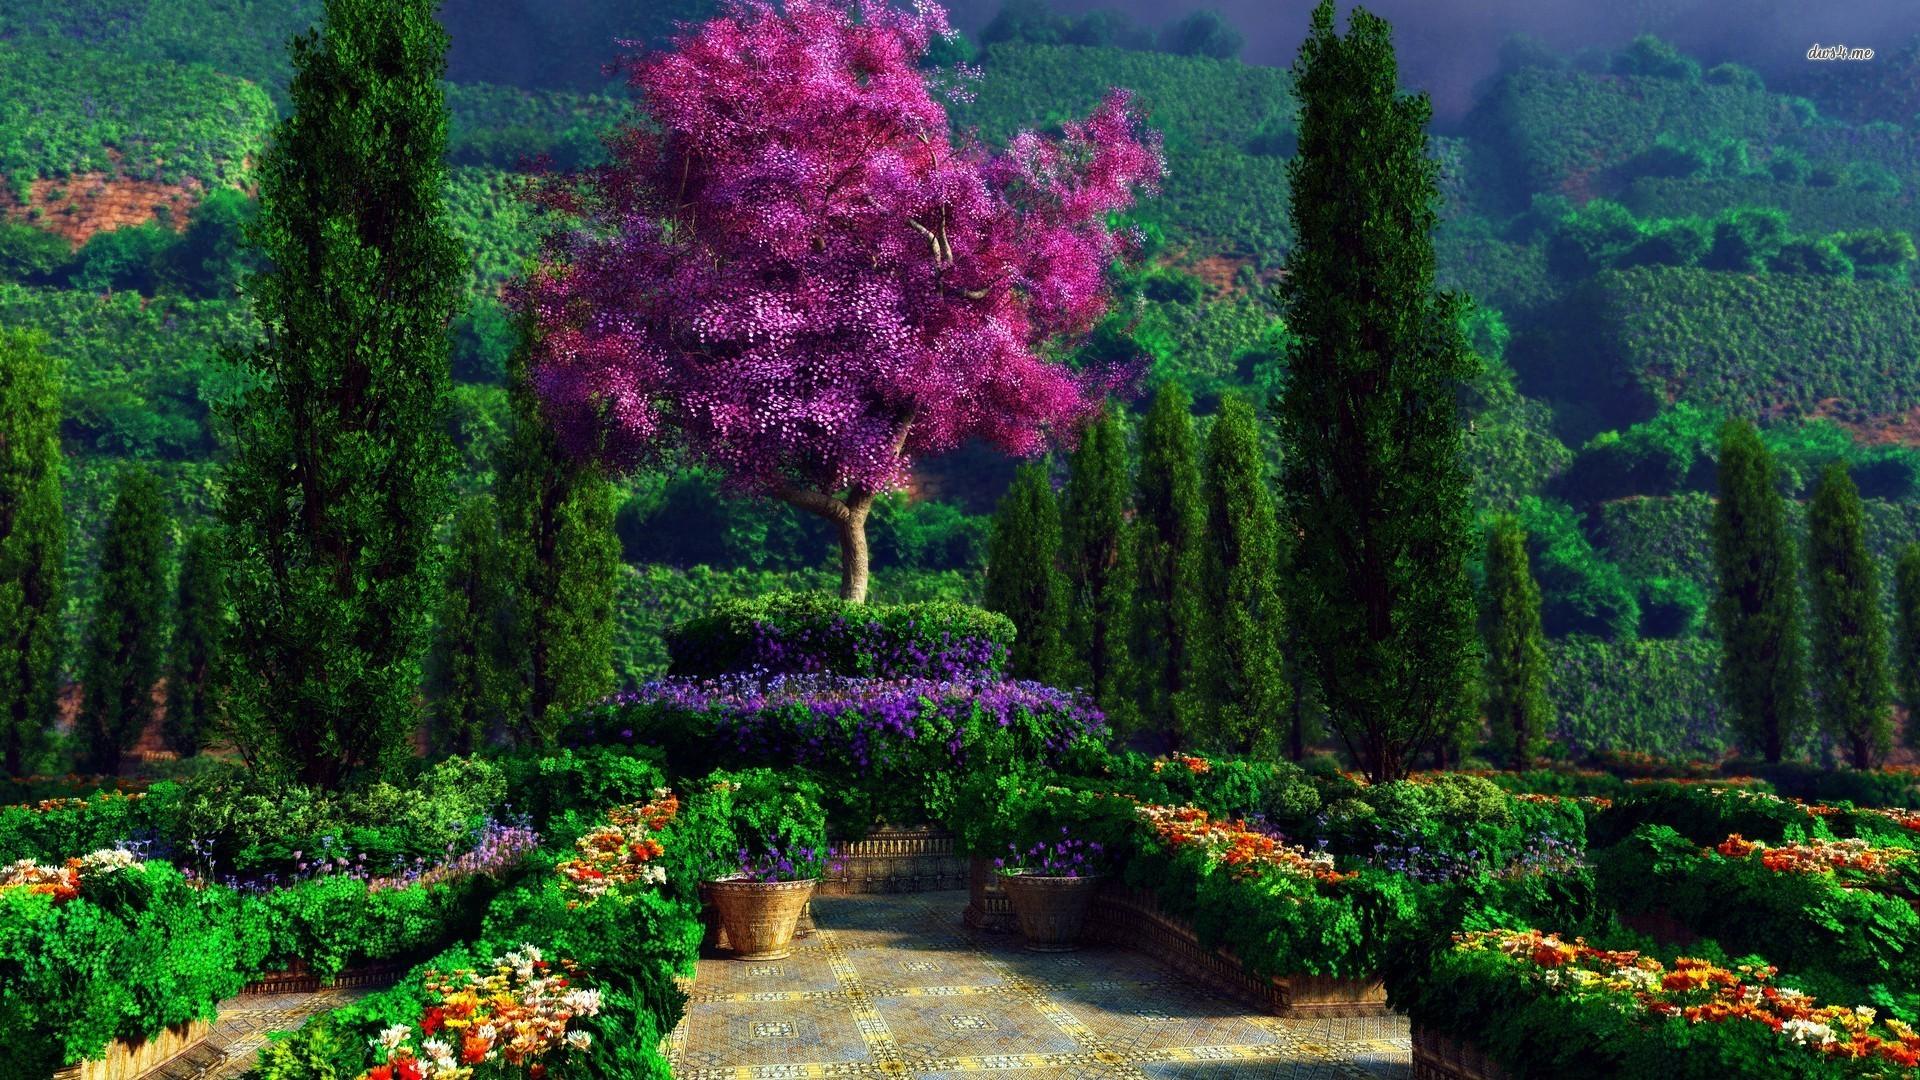 Res: 1920x1080, Man Made - Garden Wallpaper